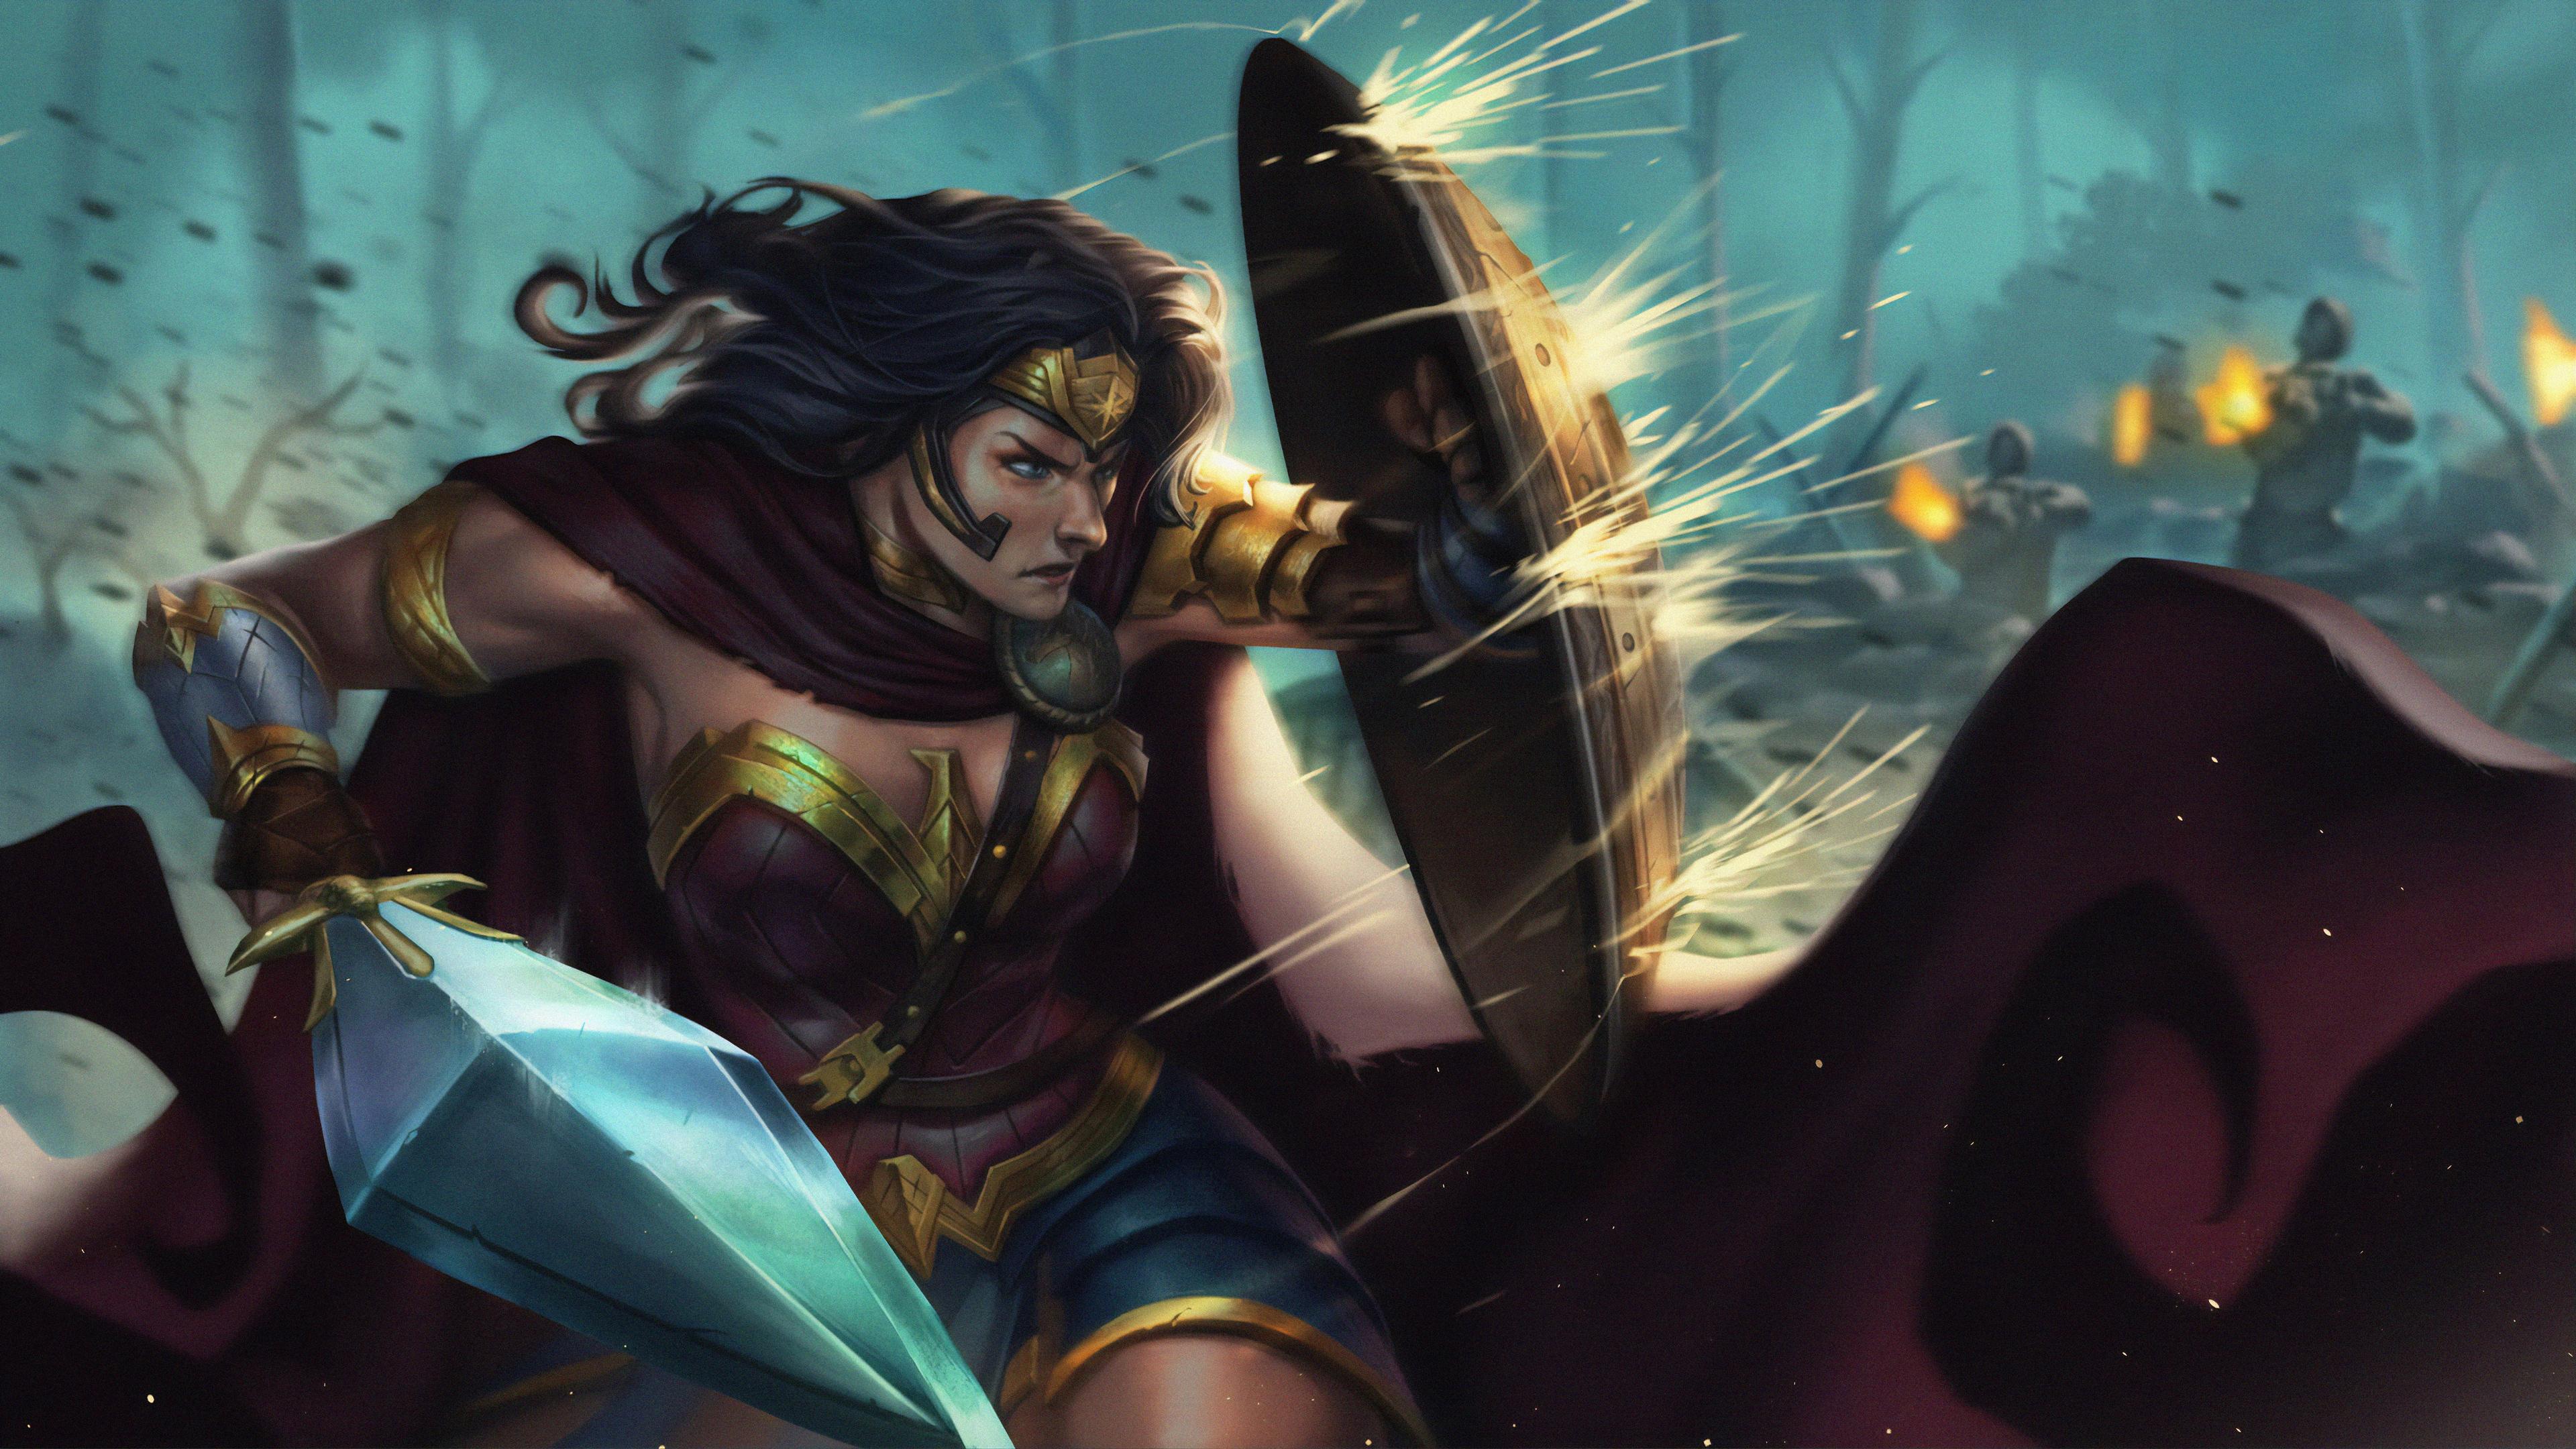 4k wonder woman fanart 1563220410 - 4k Wonder Woman Fanart - wonder woman wallpapers, superheroes wallpapers, hd-wallpapers, artwork wallpapers, 4k-wallpapers